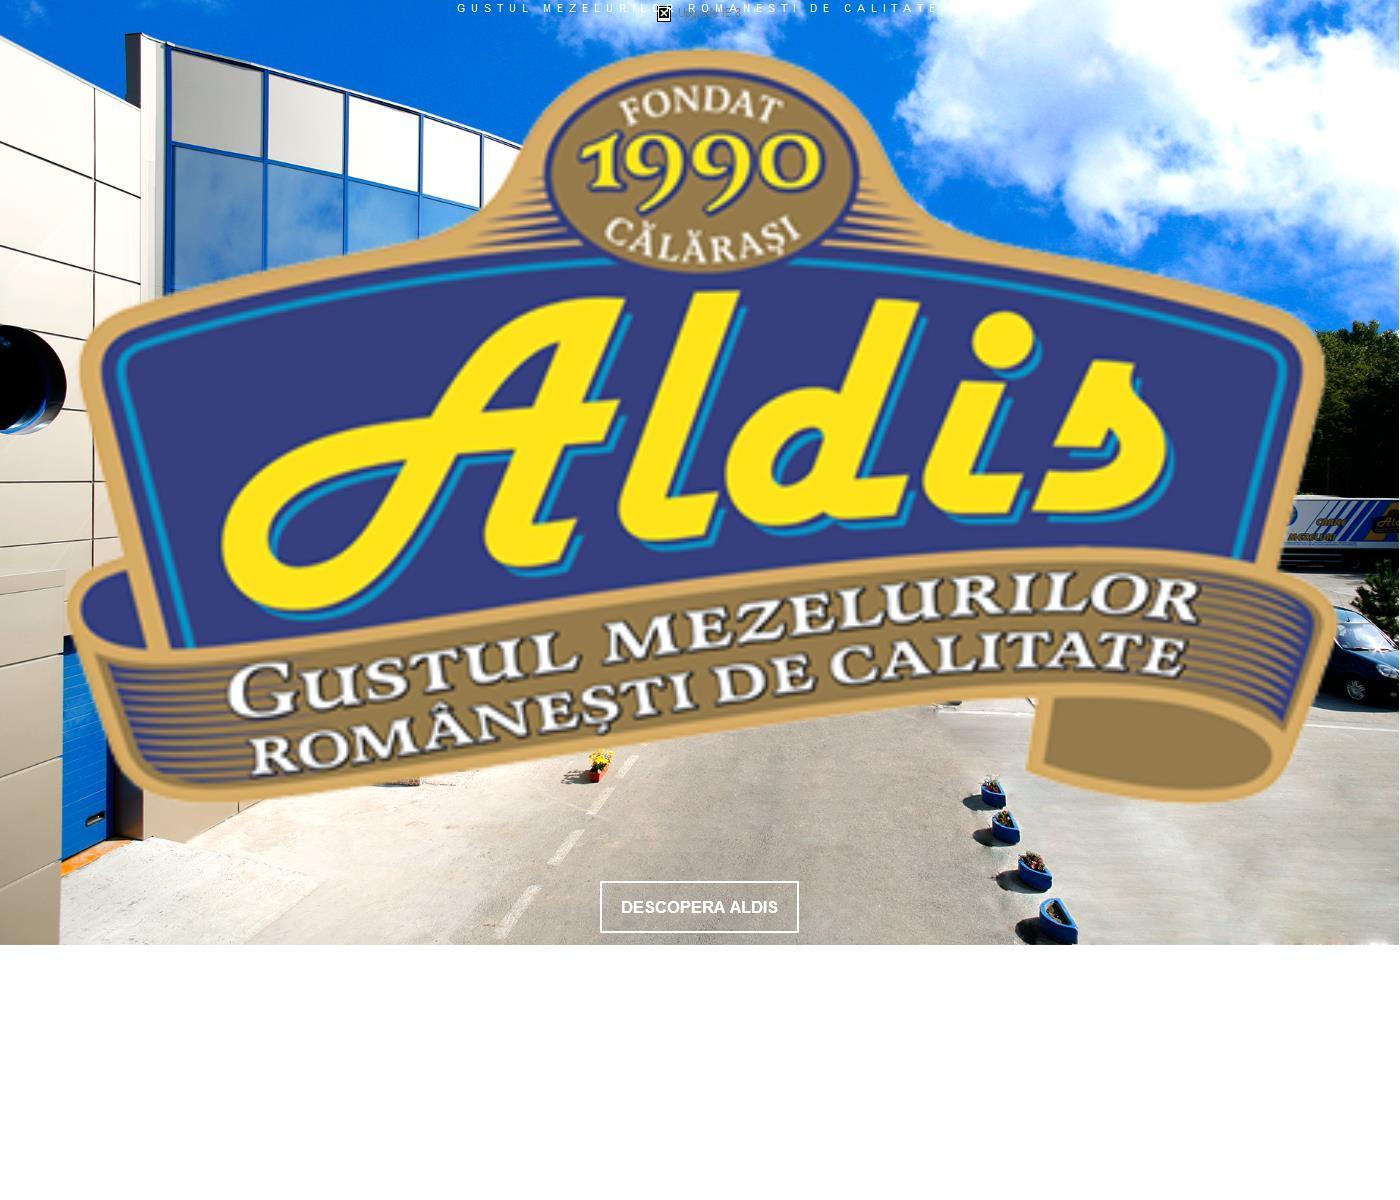 Site de prezentare al producatorului de mezeluri Aldis.